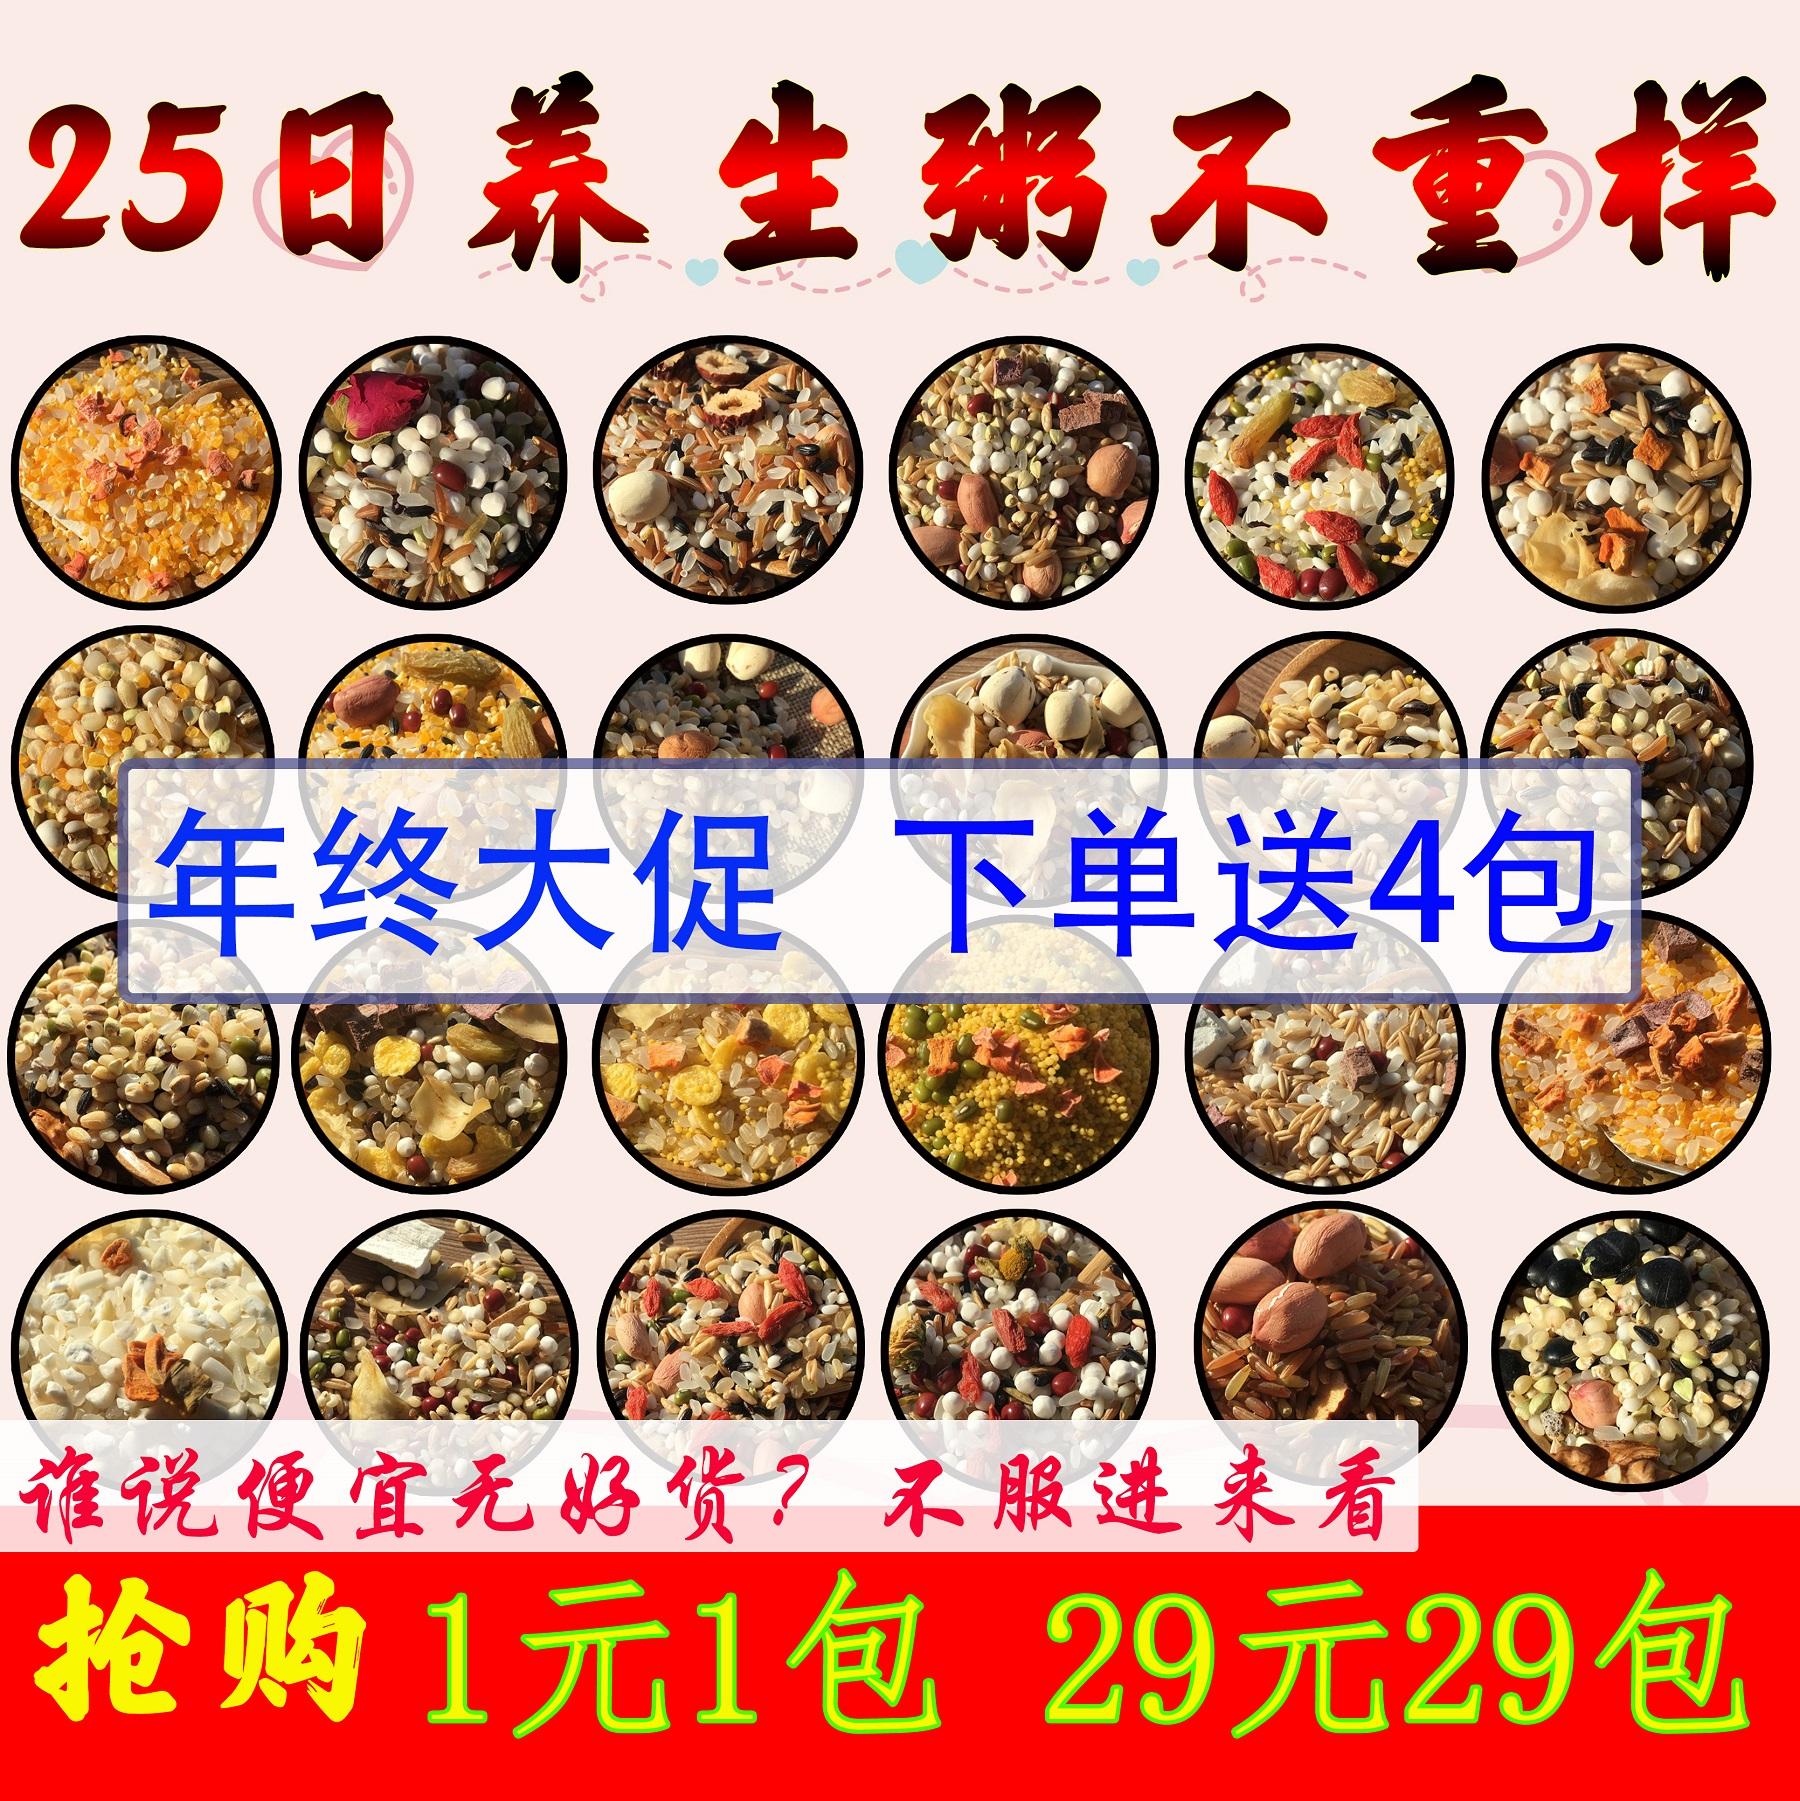 八宝粥原料五谷杂粮早餐养生粥营养月子散装农家组合十谷米豆浆